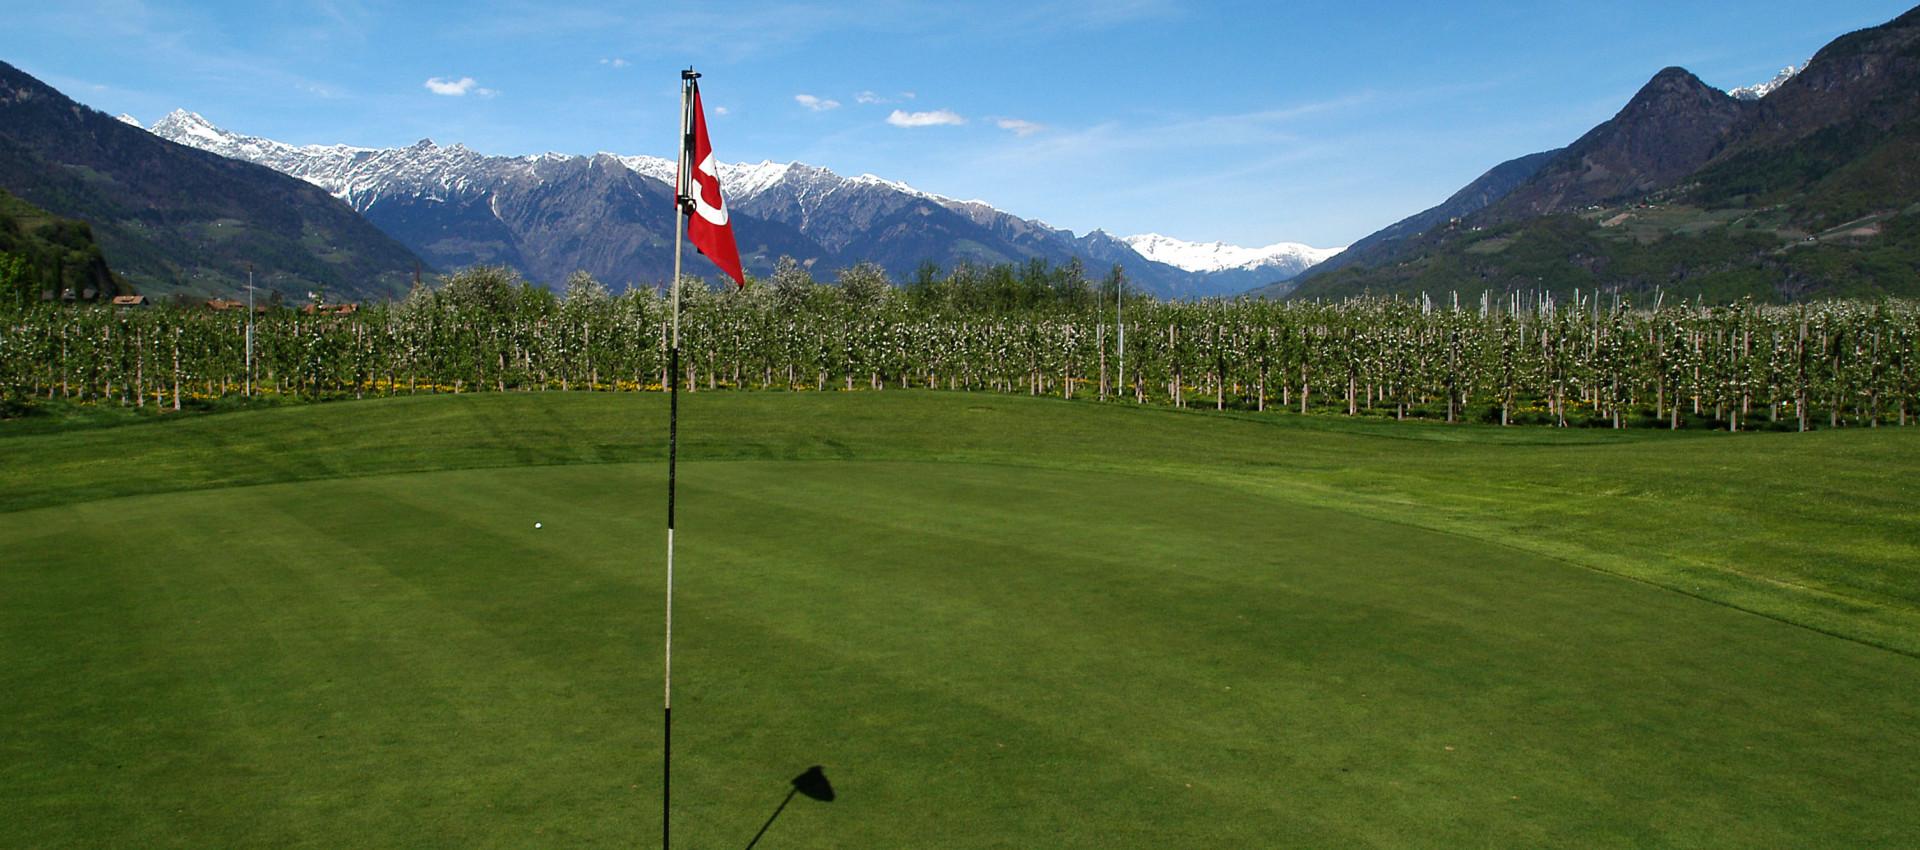 Golfurlaub in Lana, Südtirol